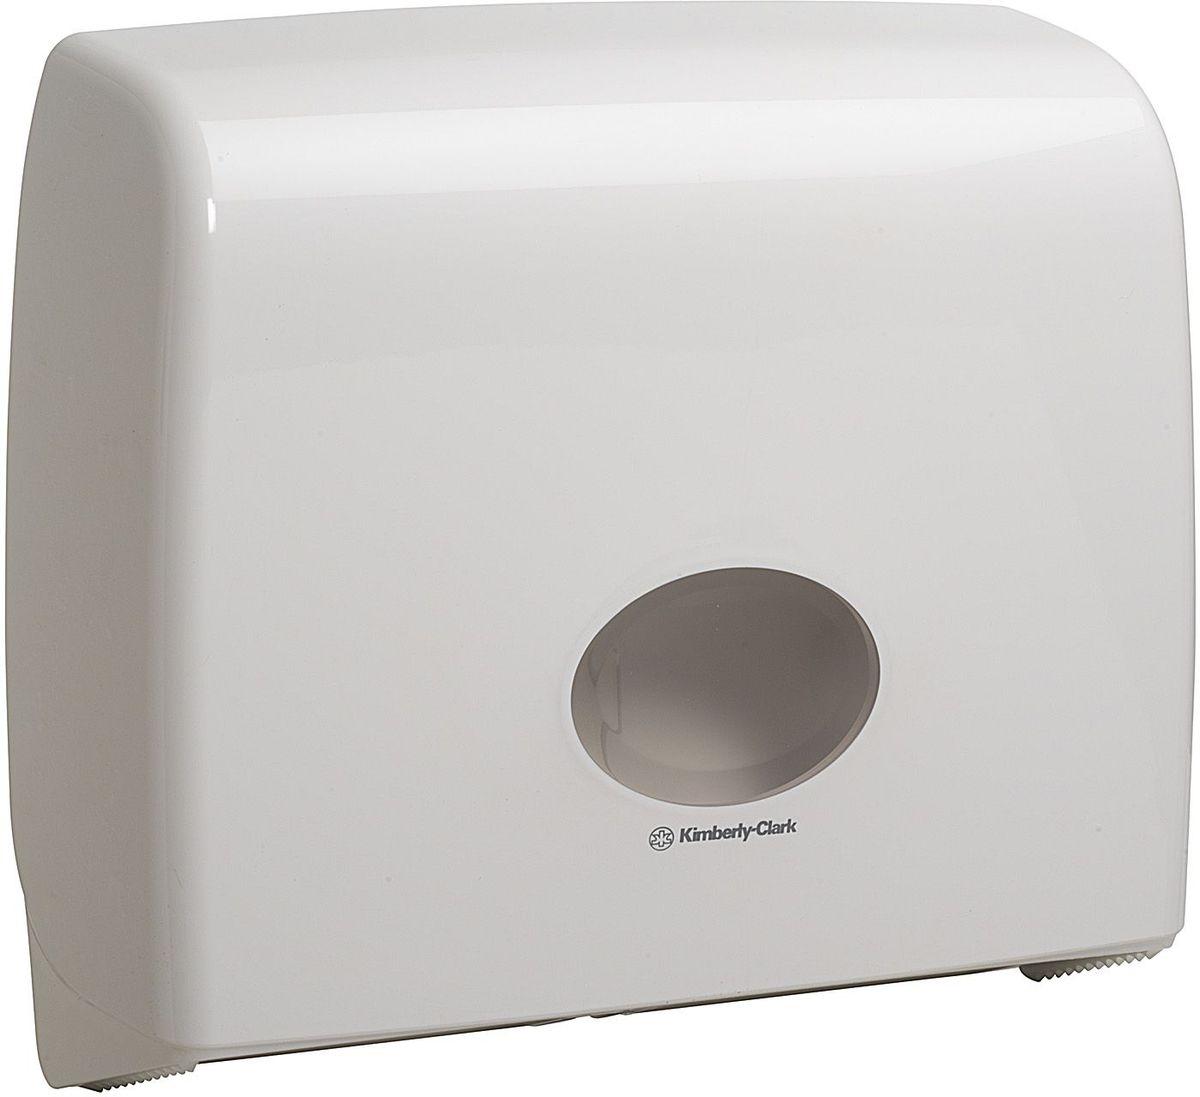 Диспенсер для туалетной бумаги Aquarius Jumbo, большой рулон, цвет: белый. 69916991Ассортимент диспенсеров для рулонной туалетной бумаги, которые выполнены в одном стиле с диспенсерами для мыла и для полотенец для рук. Диспенсеры мотивируют сотрудников соблюдать гигиенические нормы, повышают уровень комфорта, демонстрируют заботу о персонале и помогают сократить расходы. Идеальное решение, обеспечивающее подачу рулонной туалетной бумаги из элегантного диспенсера в туалетных комнатах с высокой проходимостью, легкая загрузка, практичное, гигиеничное и экономичное решение. Формат поставки: диспенсер современного дизайна, обтекаемой формы, обеспечивающий быструю заправку; белое глянцевое, легко очищаемое покрытие; отсутствие мест скопления пыли и грязи; смотровое окно для контроля за расходными материалами; возможность выбора цветовых вставок в соответствие с интерьером конкретных туалетных комнат. Замена диспенсера 6987. Совместим с туалетной бумагой: 8440, 8442, 8446, 8449, 8474, 8484, 8517, 8519, 8559.